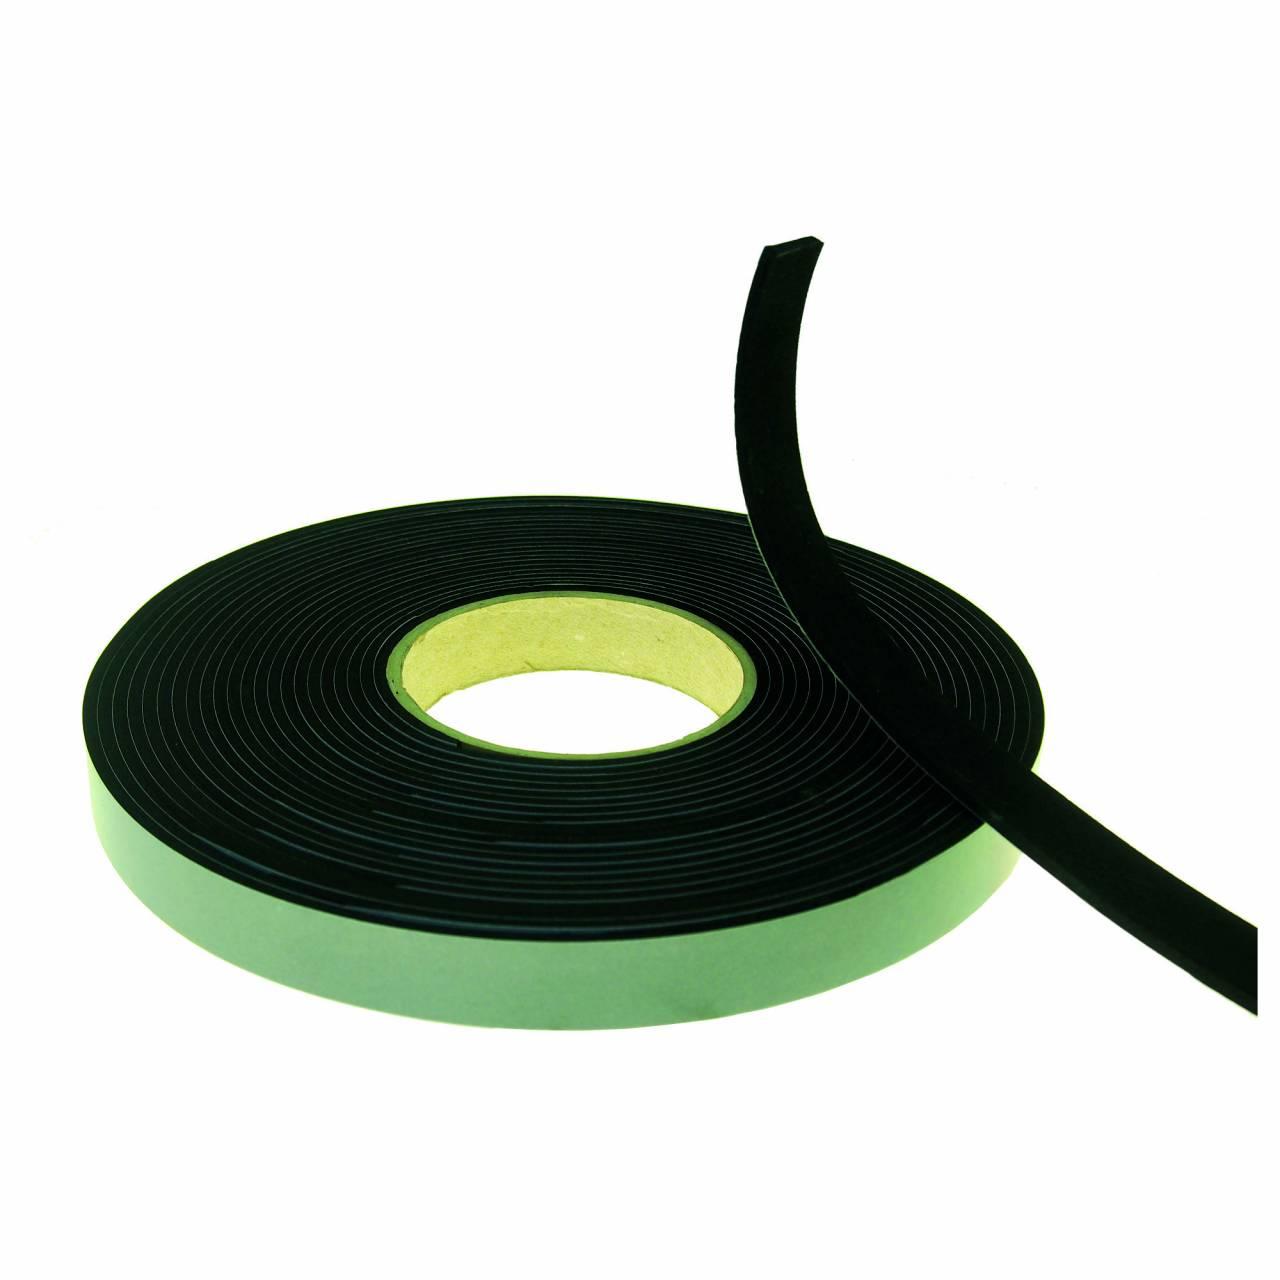 EPDM-Dichtband 10 x 4 mm x 10 lfm / Krt a 30 Rollen